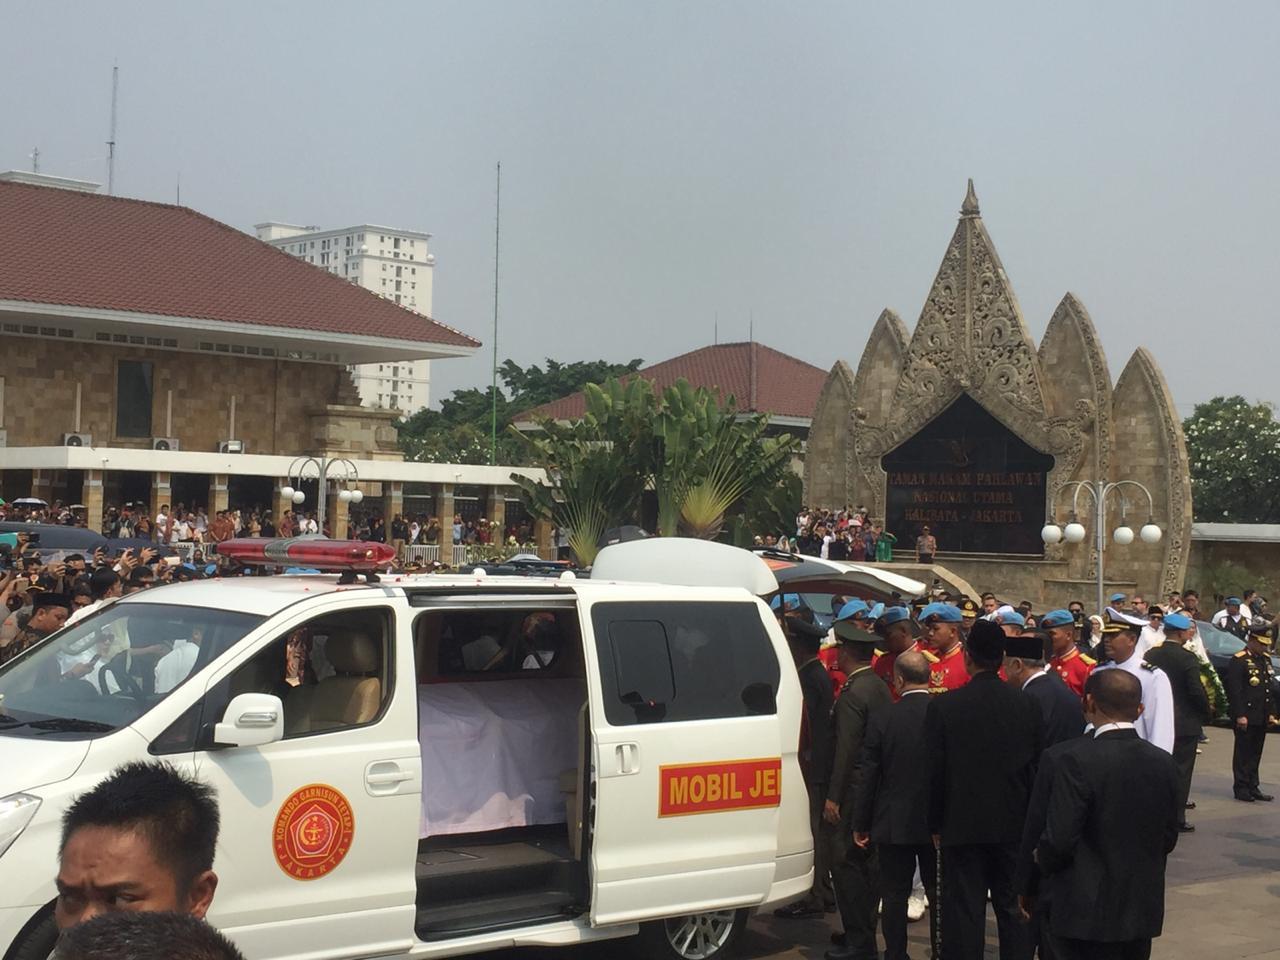 Jenazah BJ Habibie Tiba di TMP Kalibata, Jokowi Pimpin Upacara Pemakaman